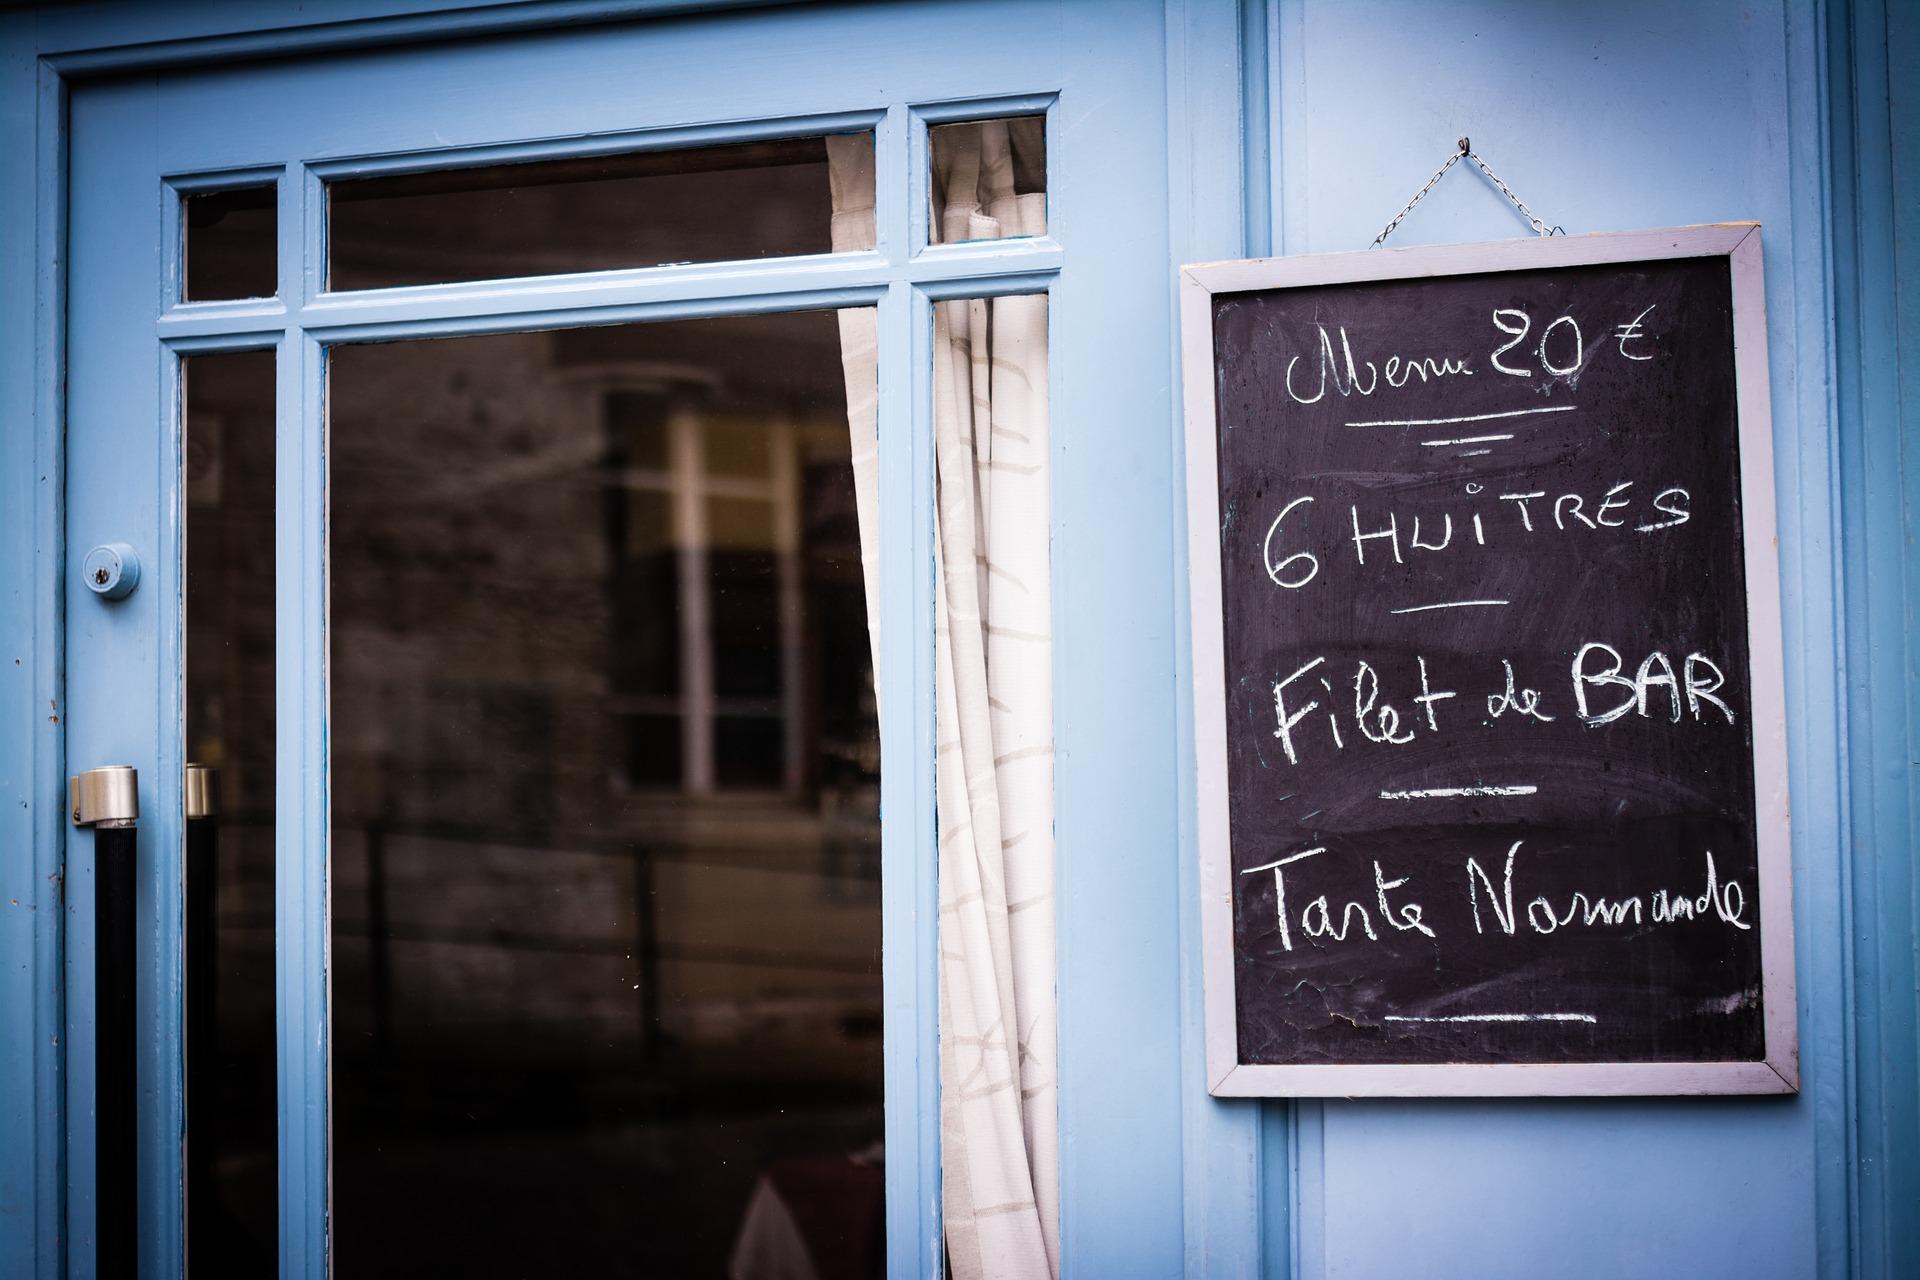 blue-french-restaurant-1308007_1920.jpg